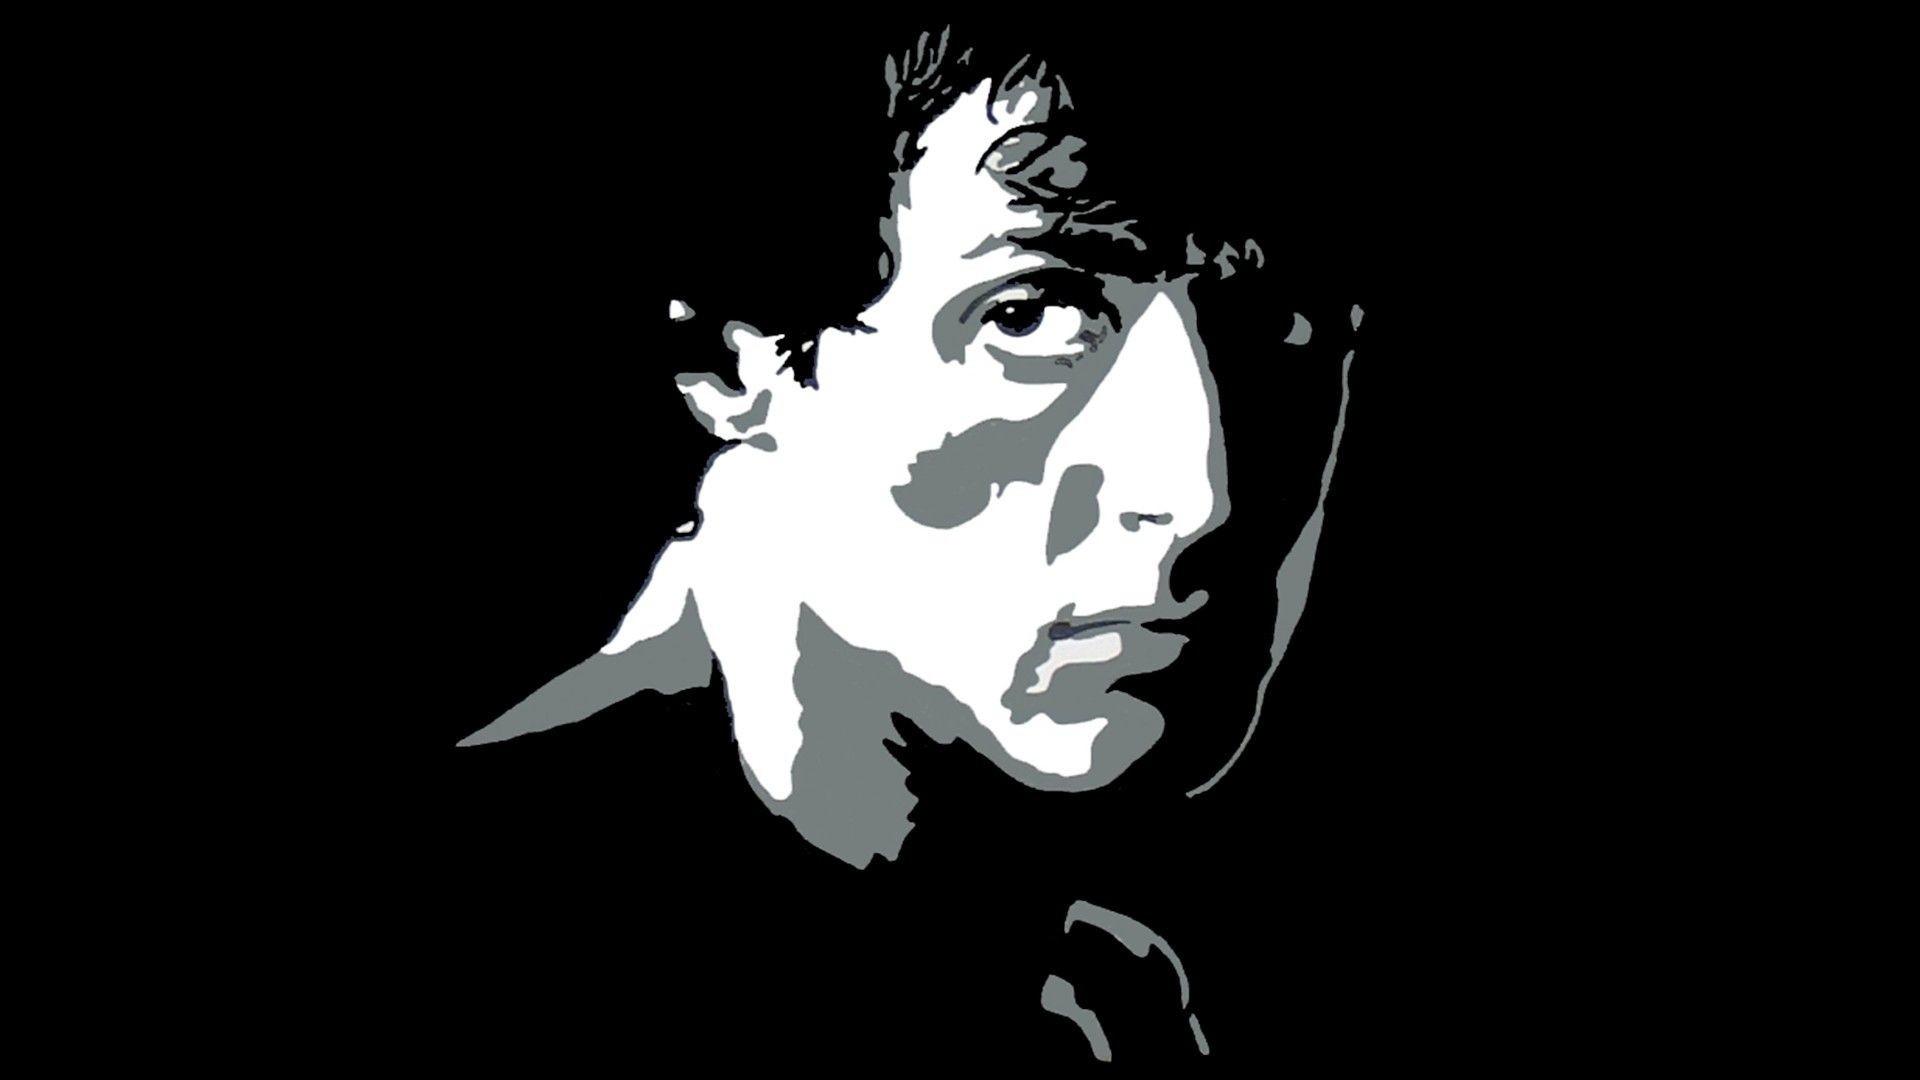 Аватар Rocky Balboa